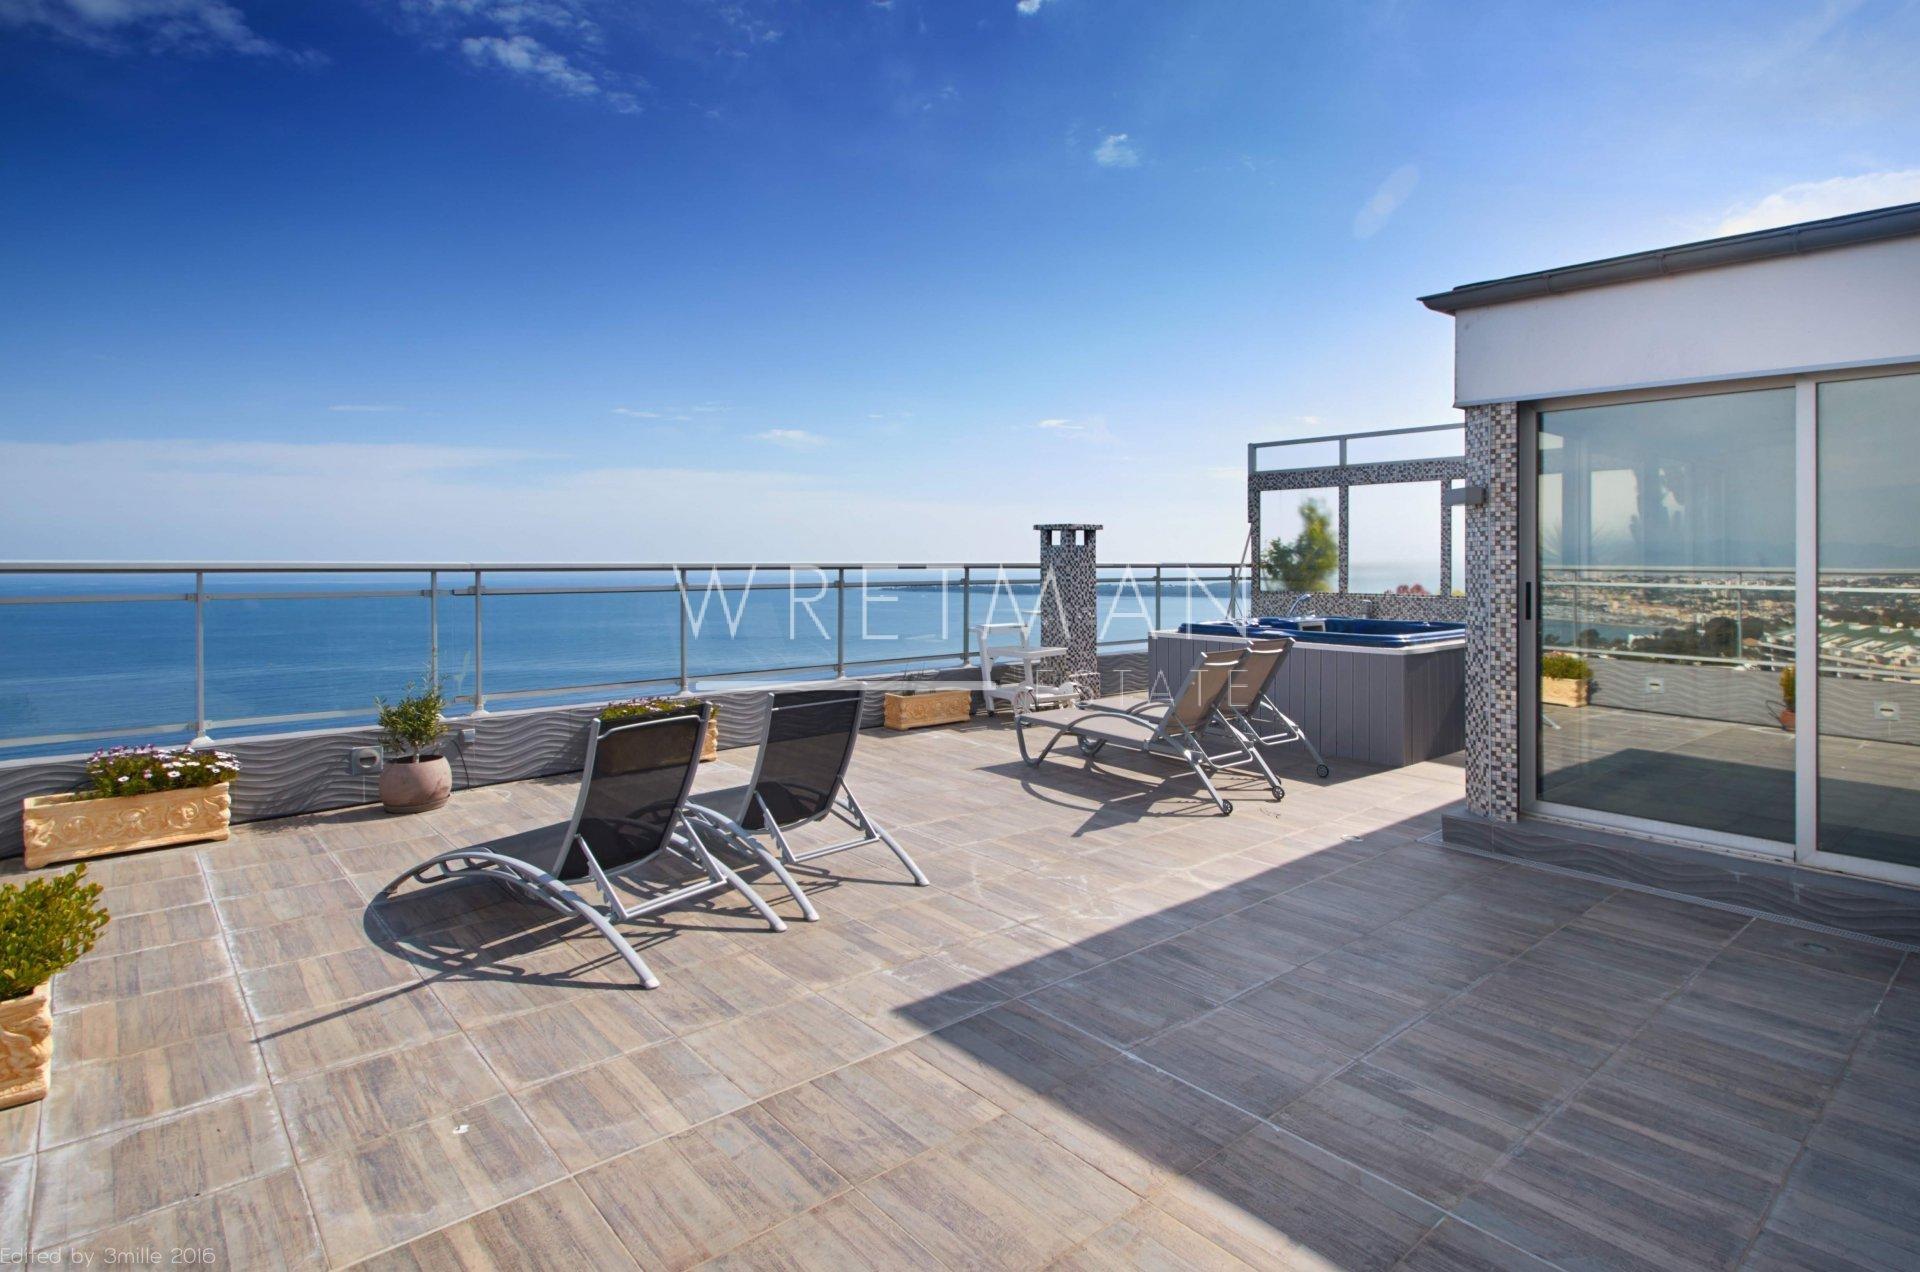 Takvåning med fantastisk havsutsikt - Cannes californie